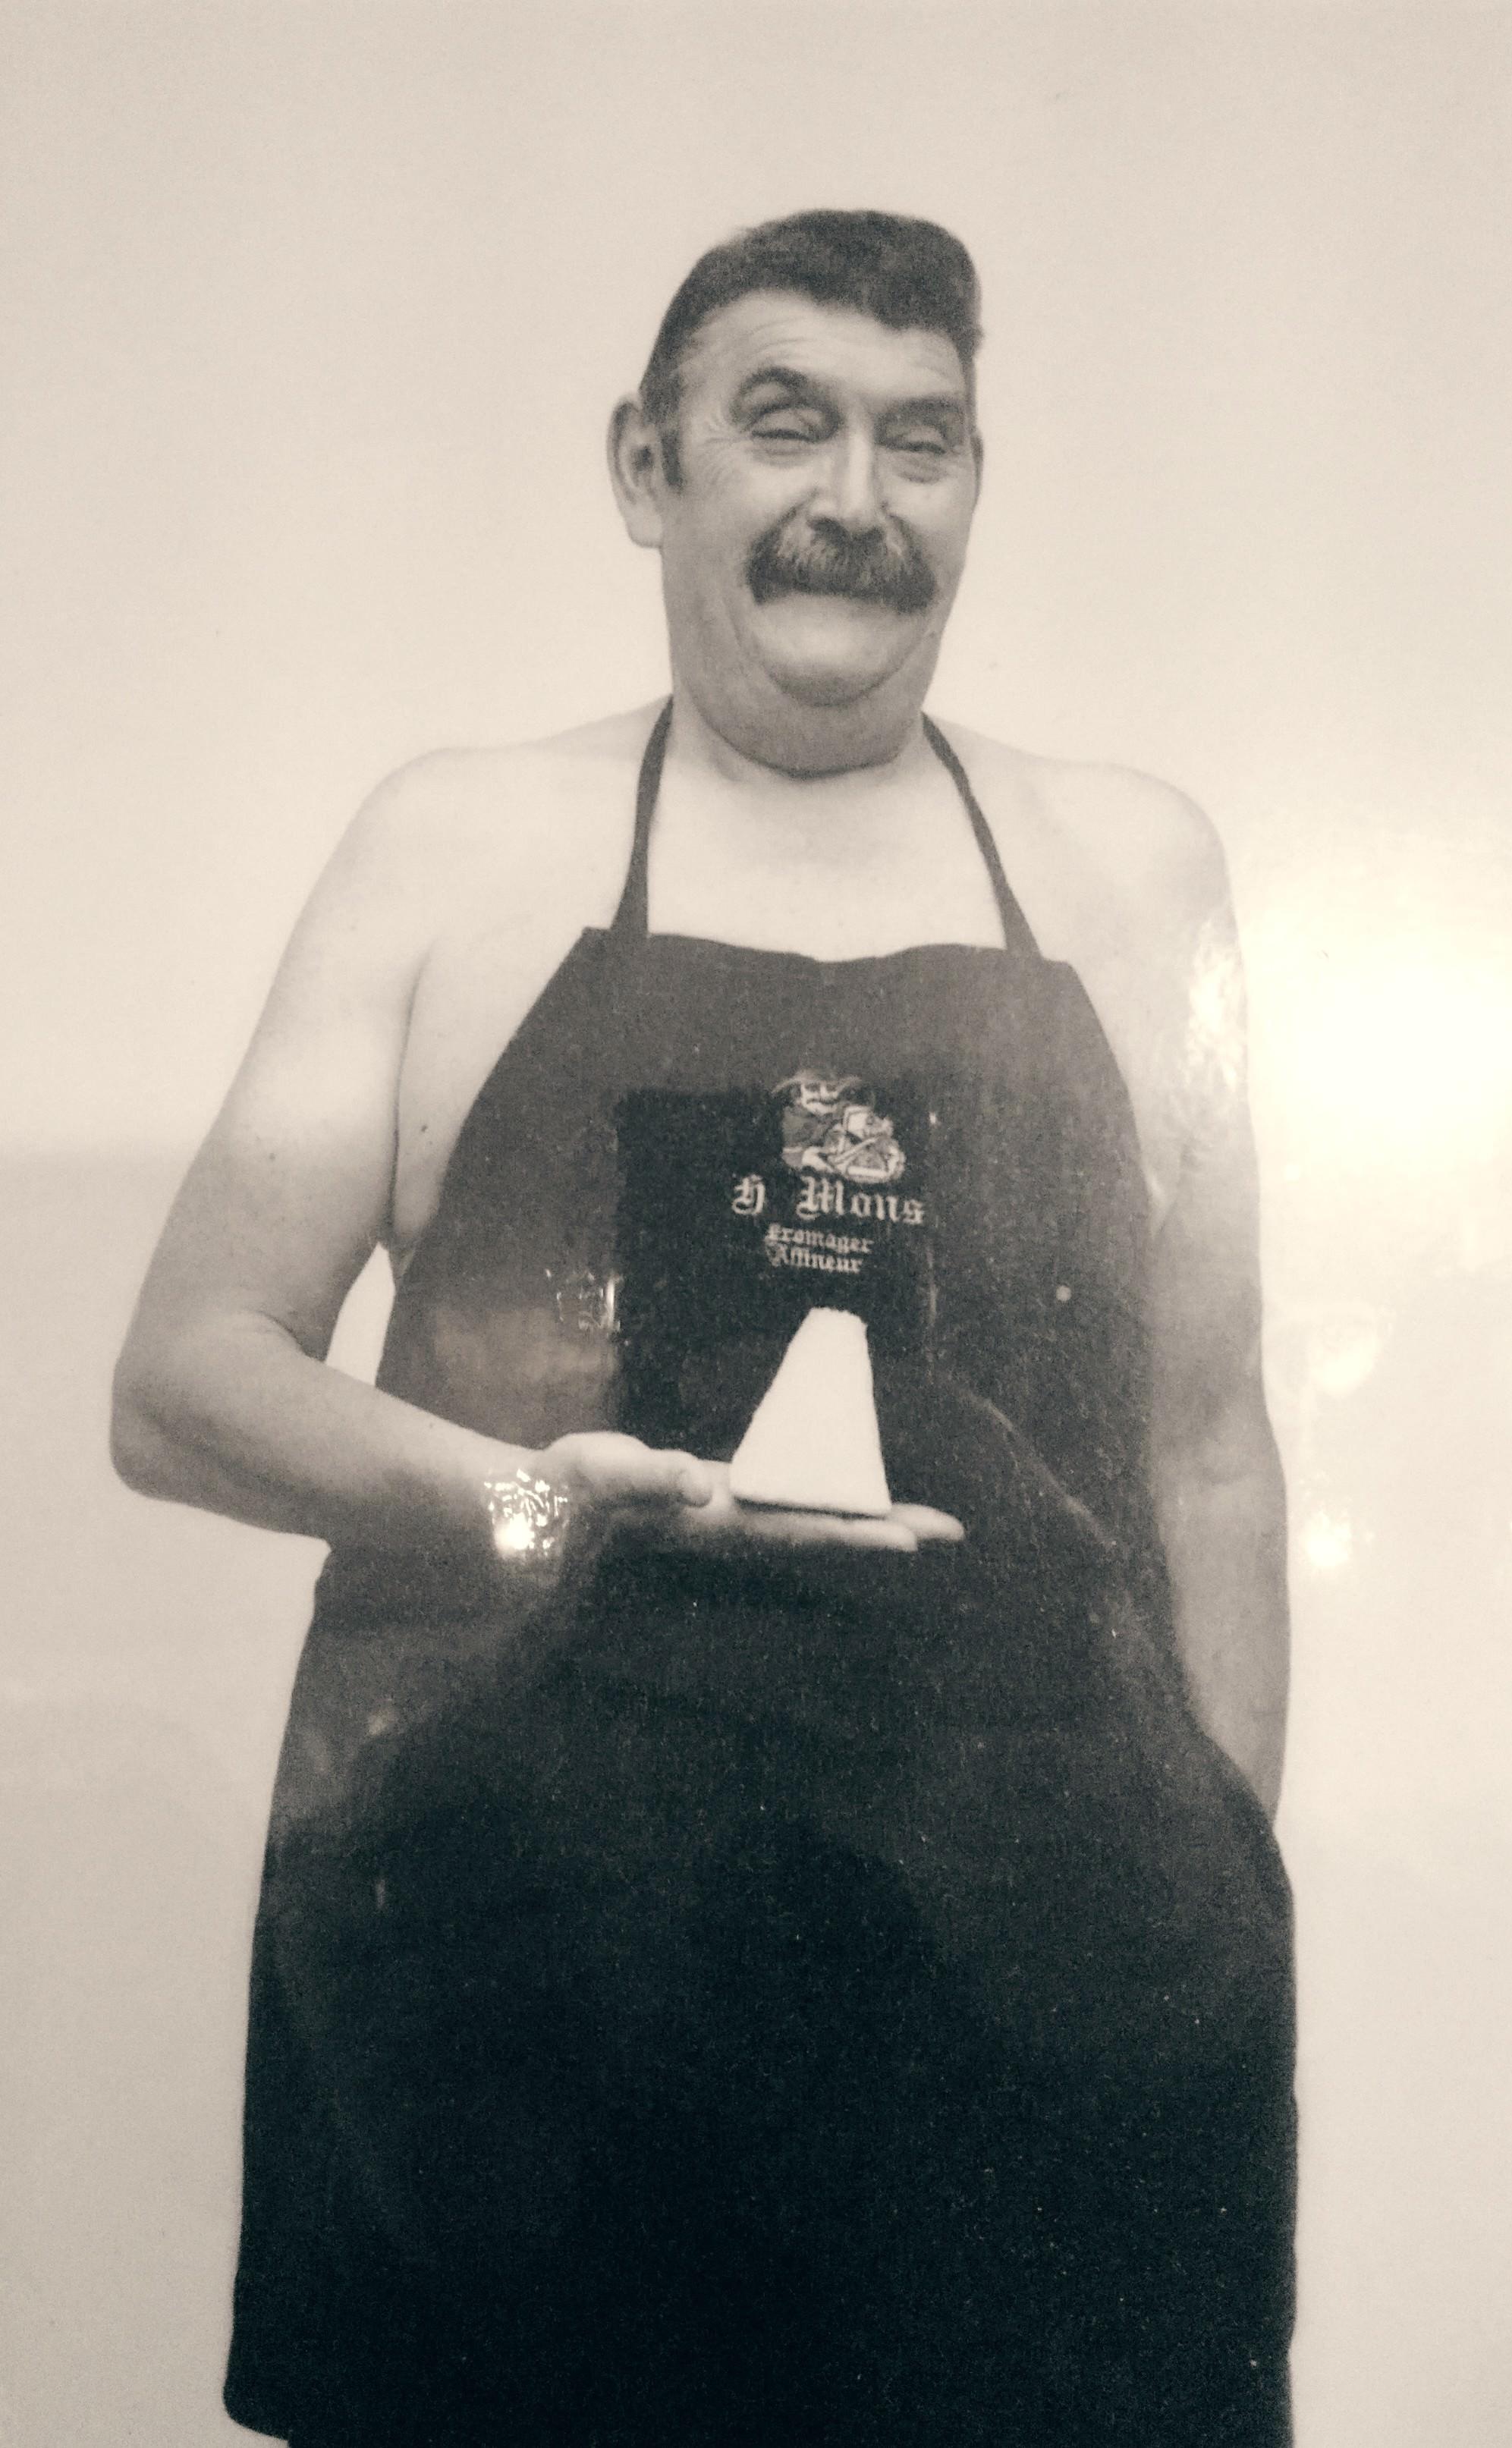 Monsieur Hubert Mons, toujours une inspiration pour la famille. Sa photo est dans toutes les boutiques.